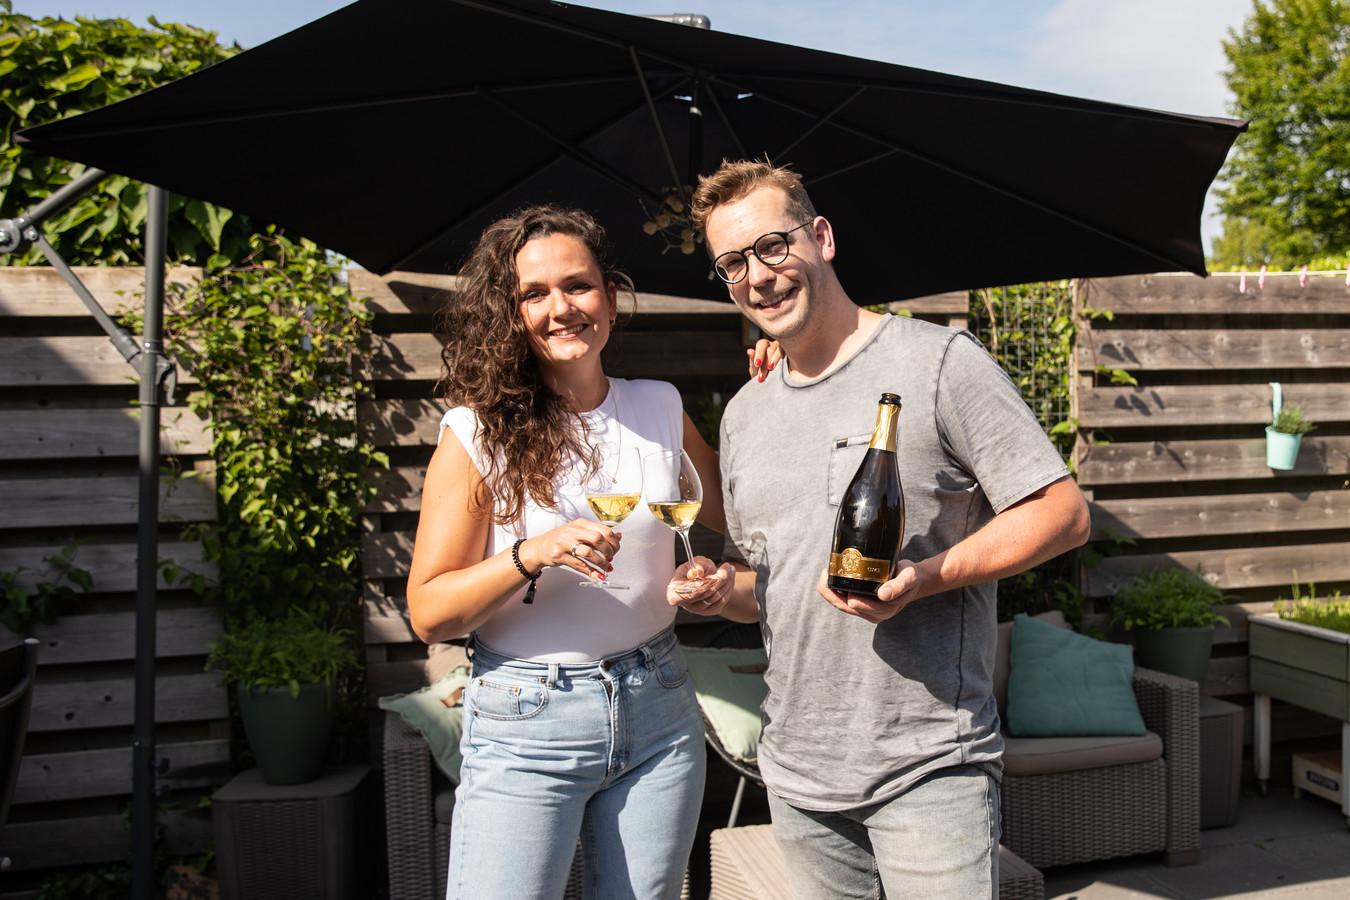 Bas en Lianne van Bistro 't Bloemendaeltje in Amersfoort winnen de Gouden Pollepel en vieren dat door een fles champagne open te trekken.